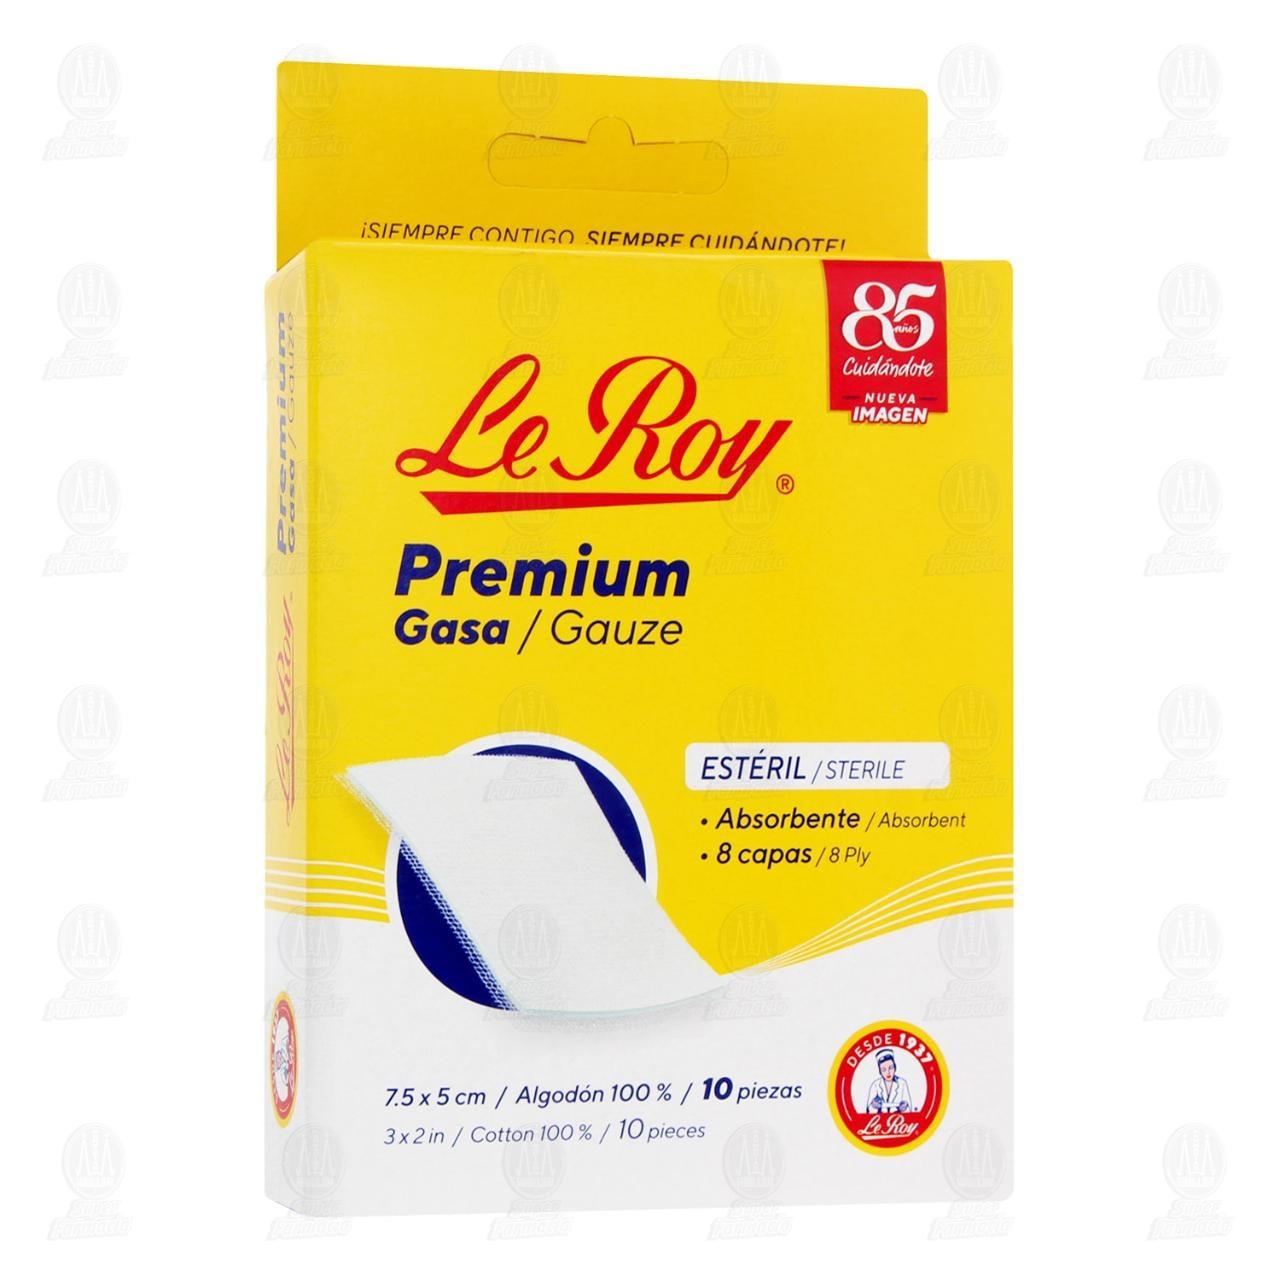 Gasa Le Roy 7.5 x 5 cm 10 Piezas